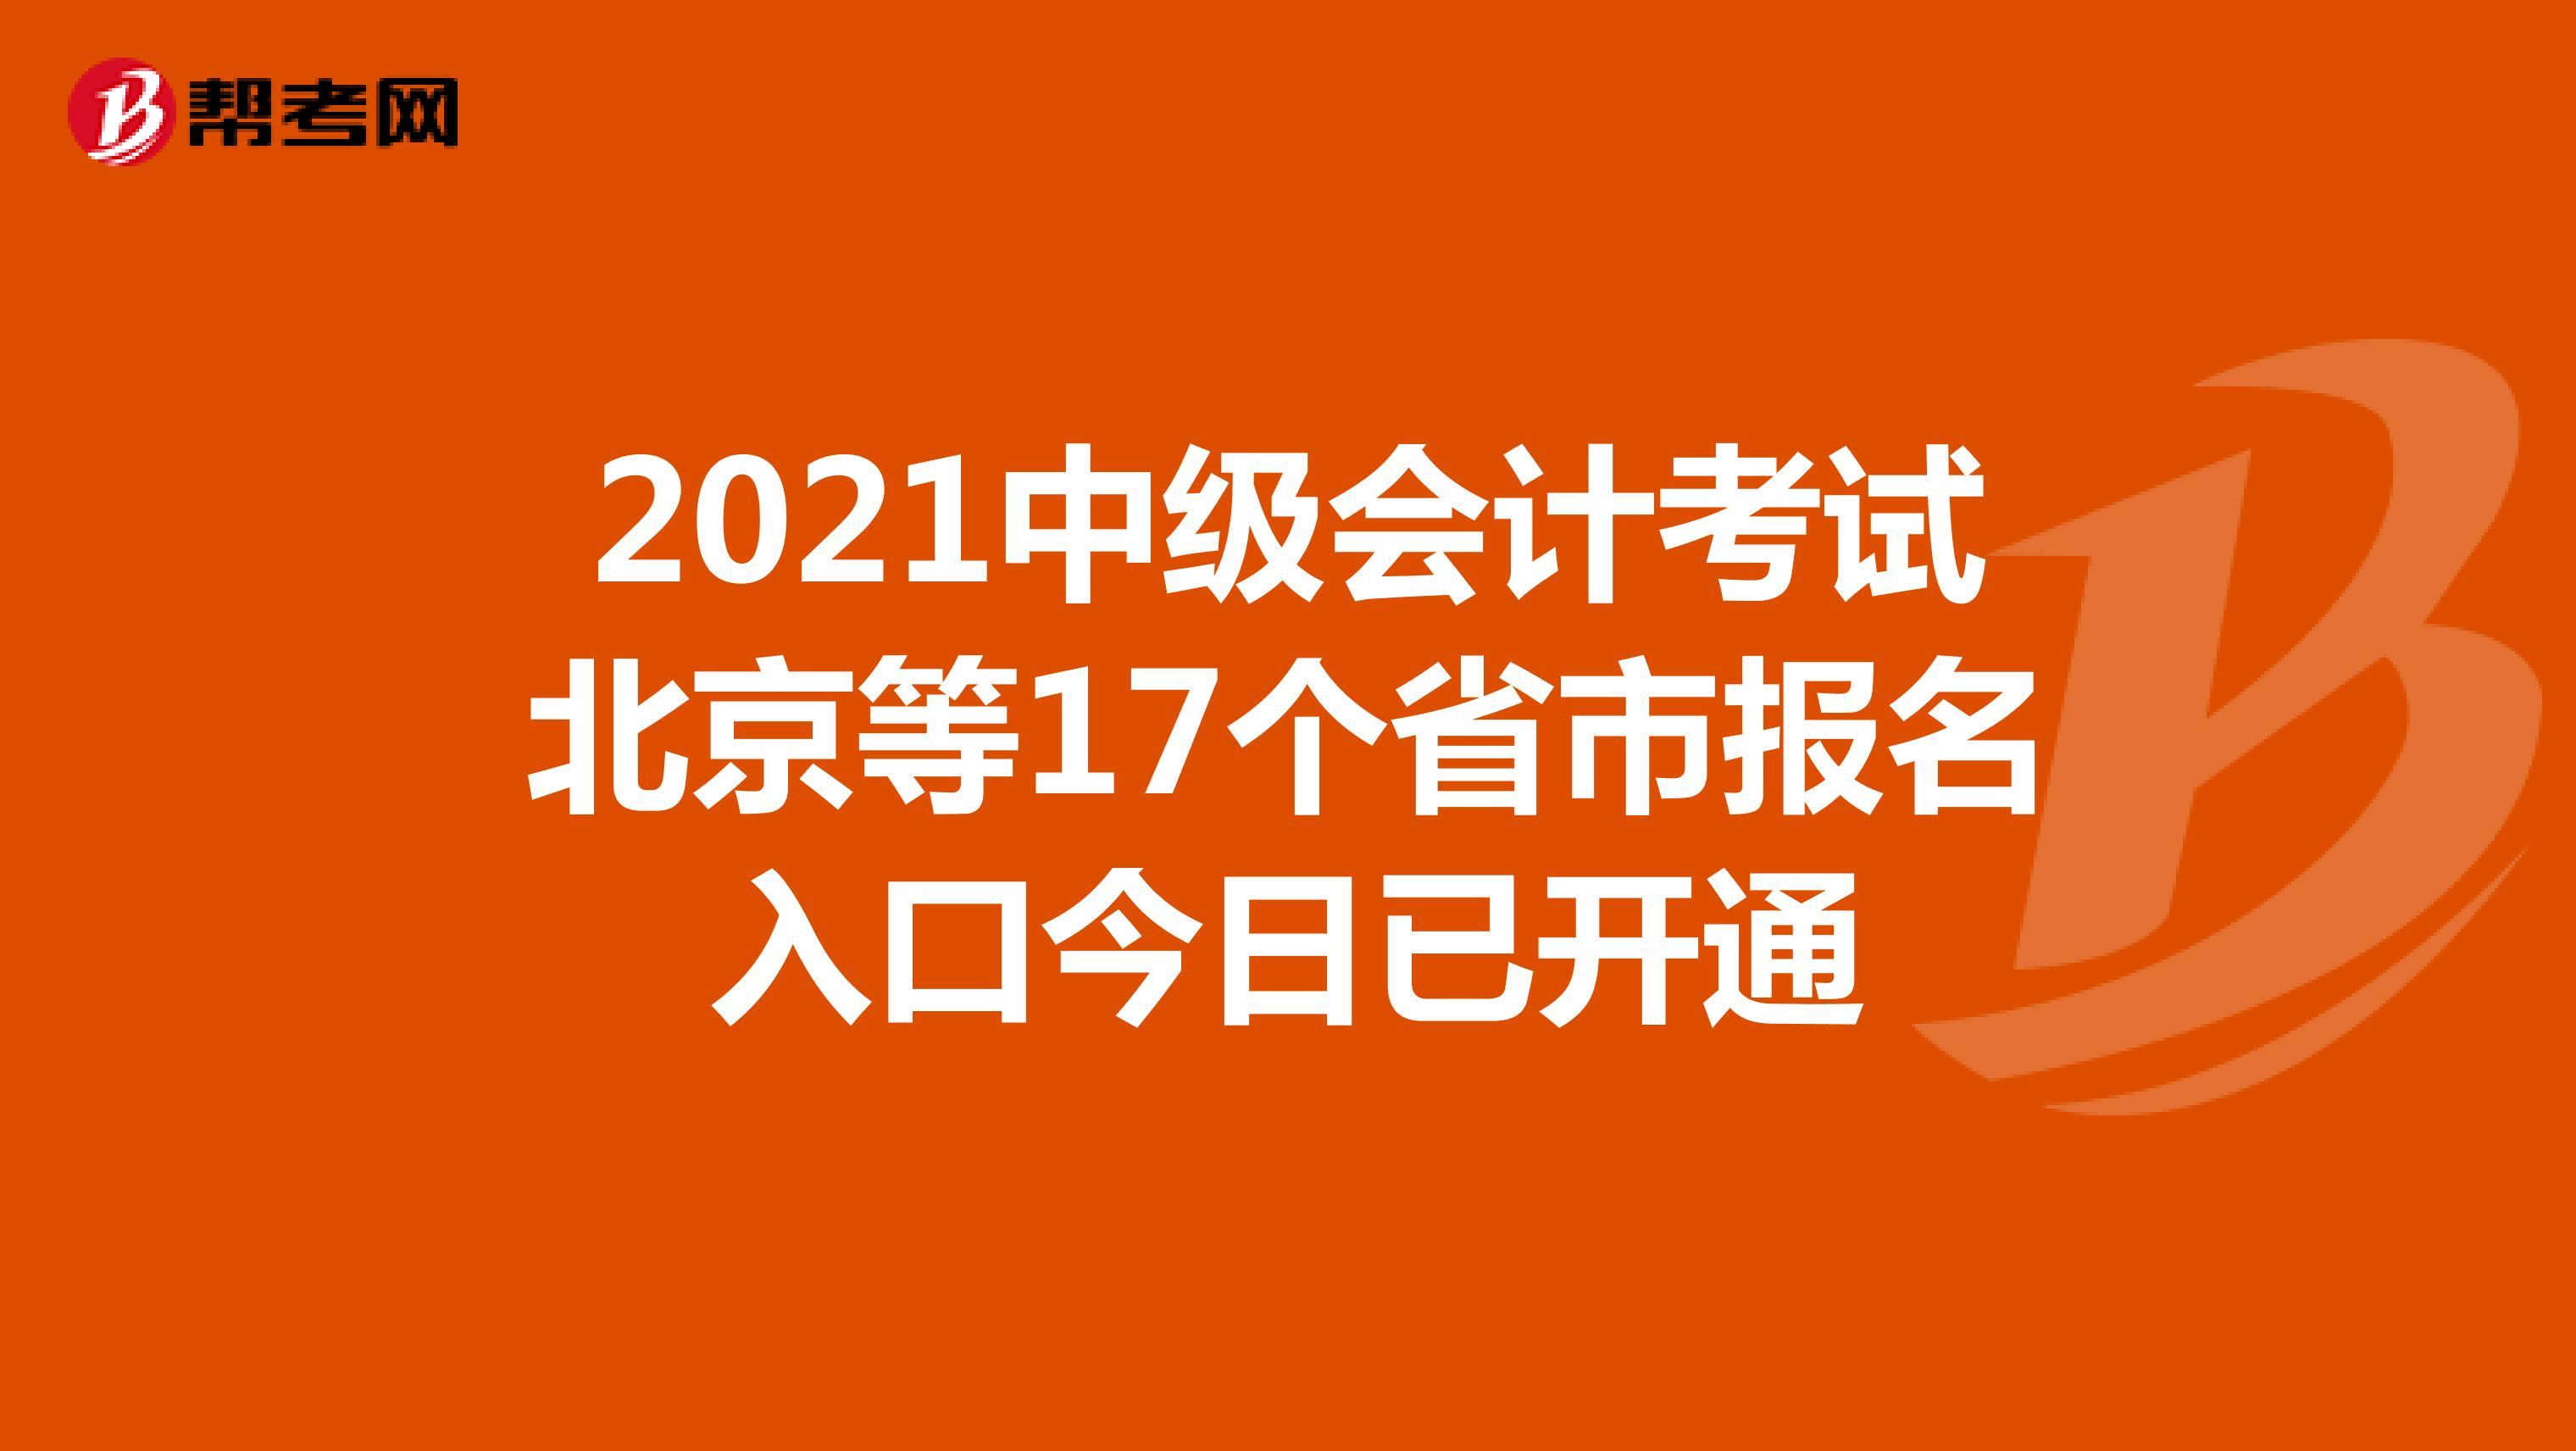 2021中級會計考試北京等17個省市報名入口已開通